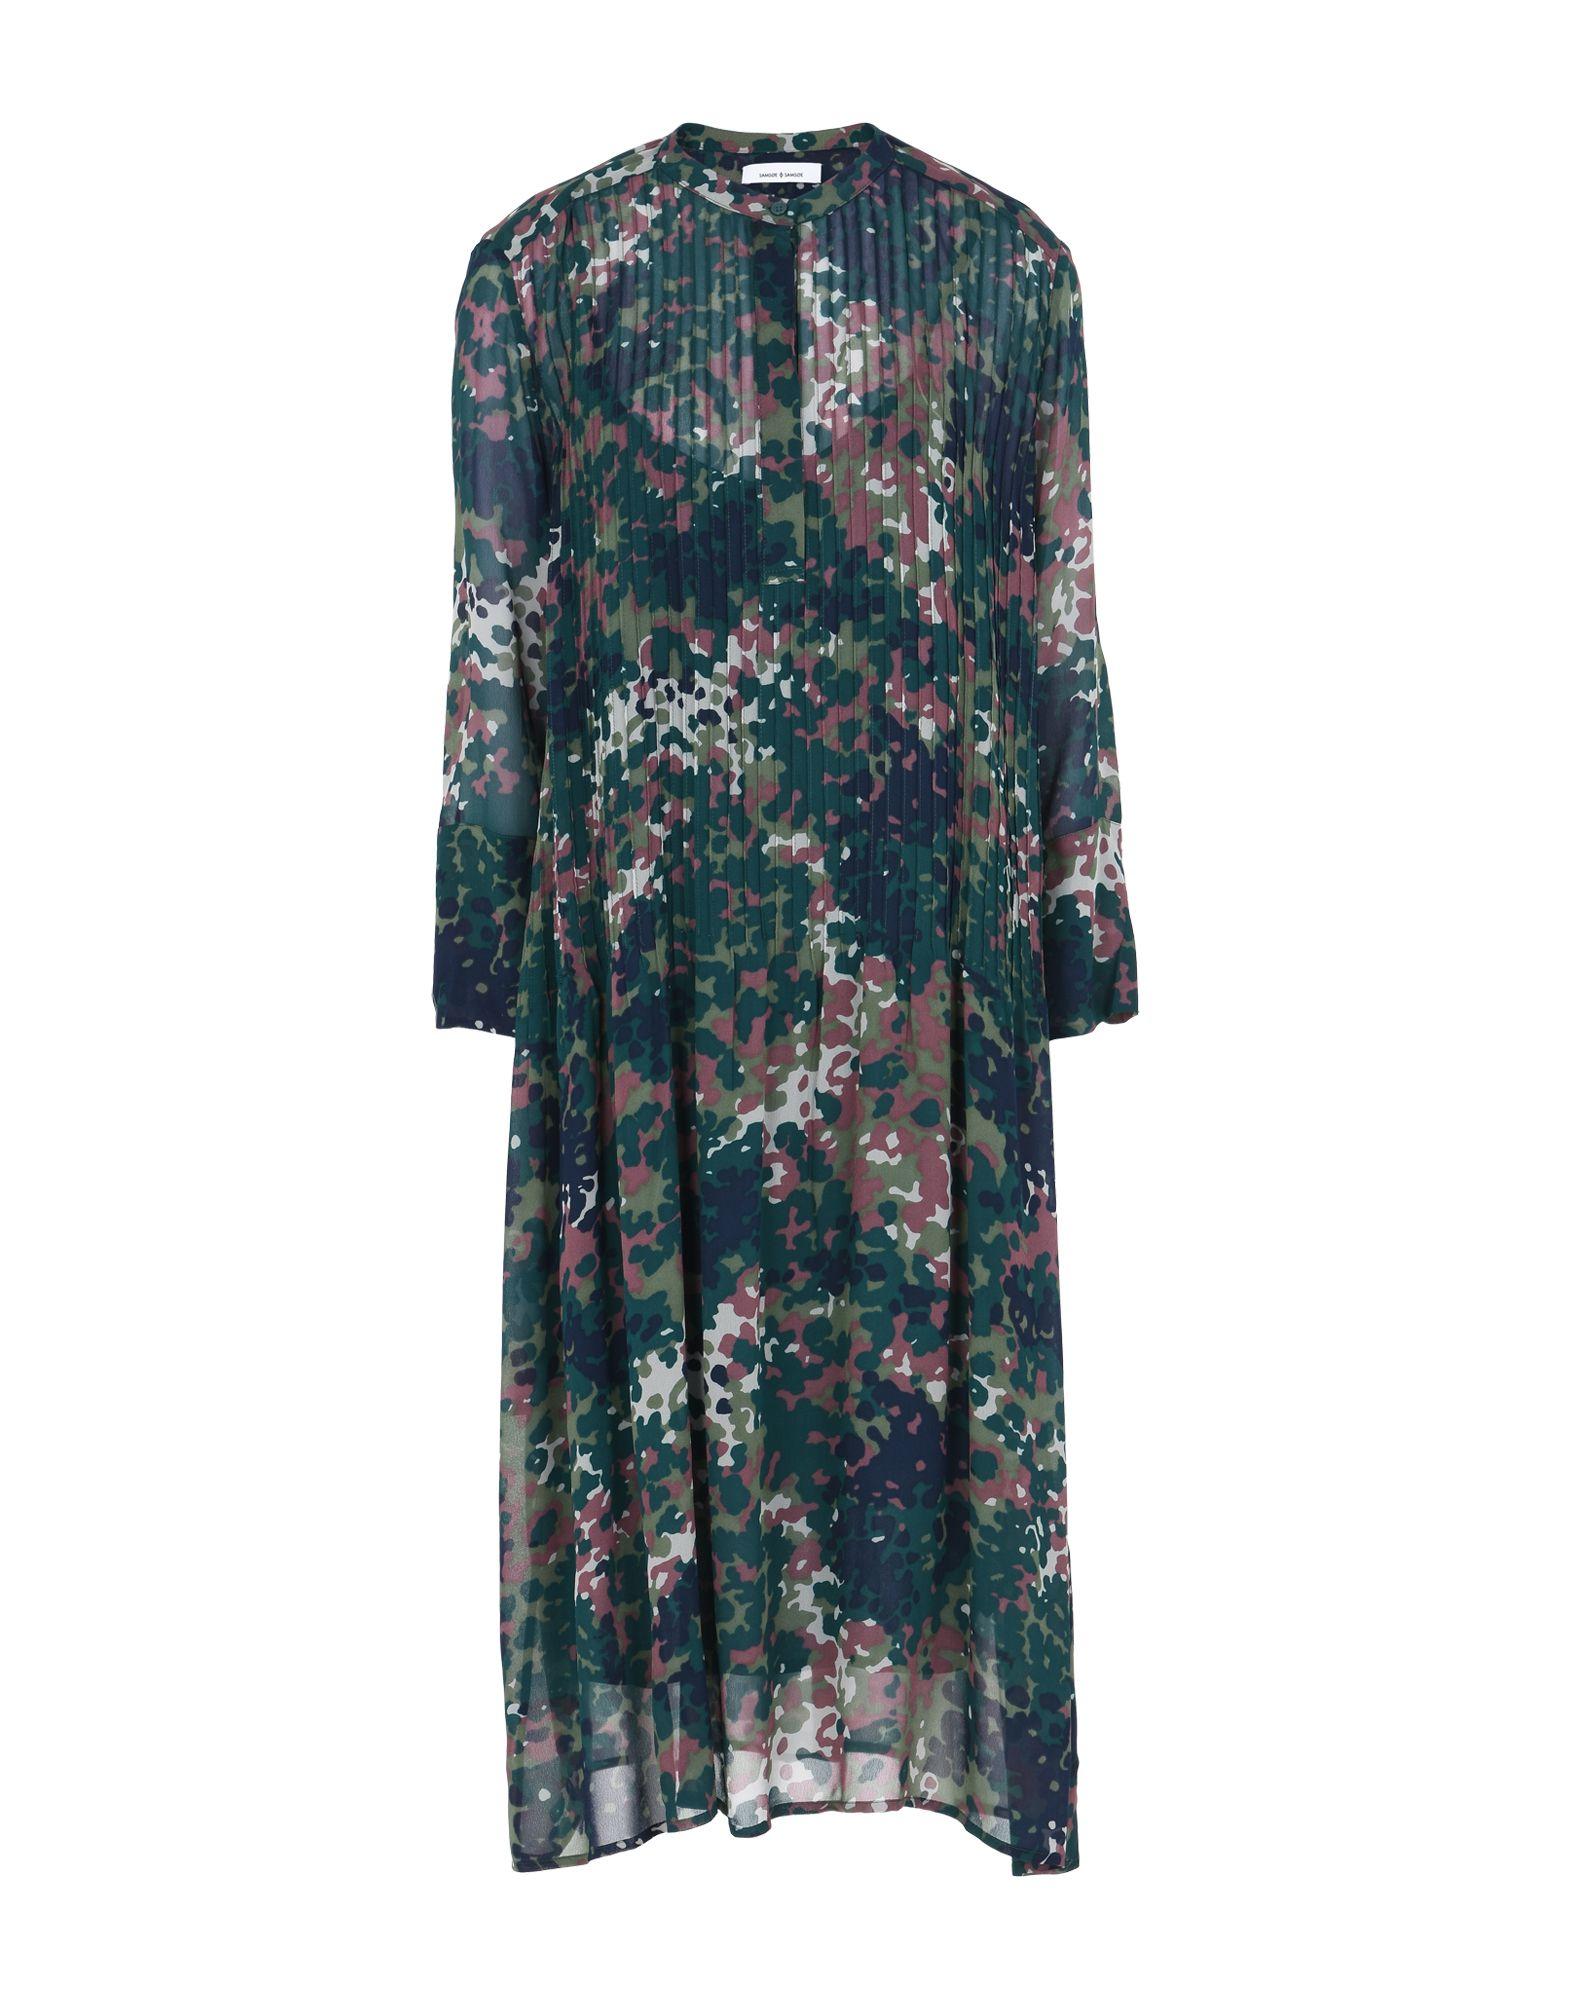 Samsøe Φ Samsøe Elm Shirt Dress Aop 9695 - Knielanges Kleid Damen ...